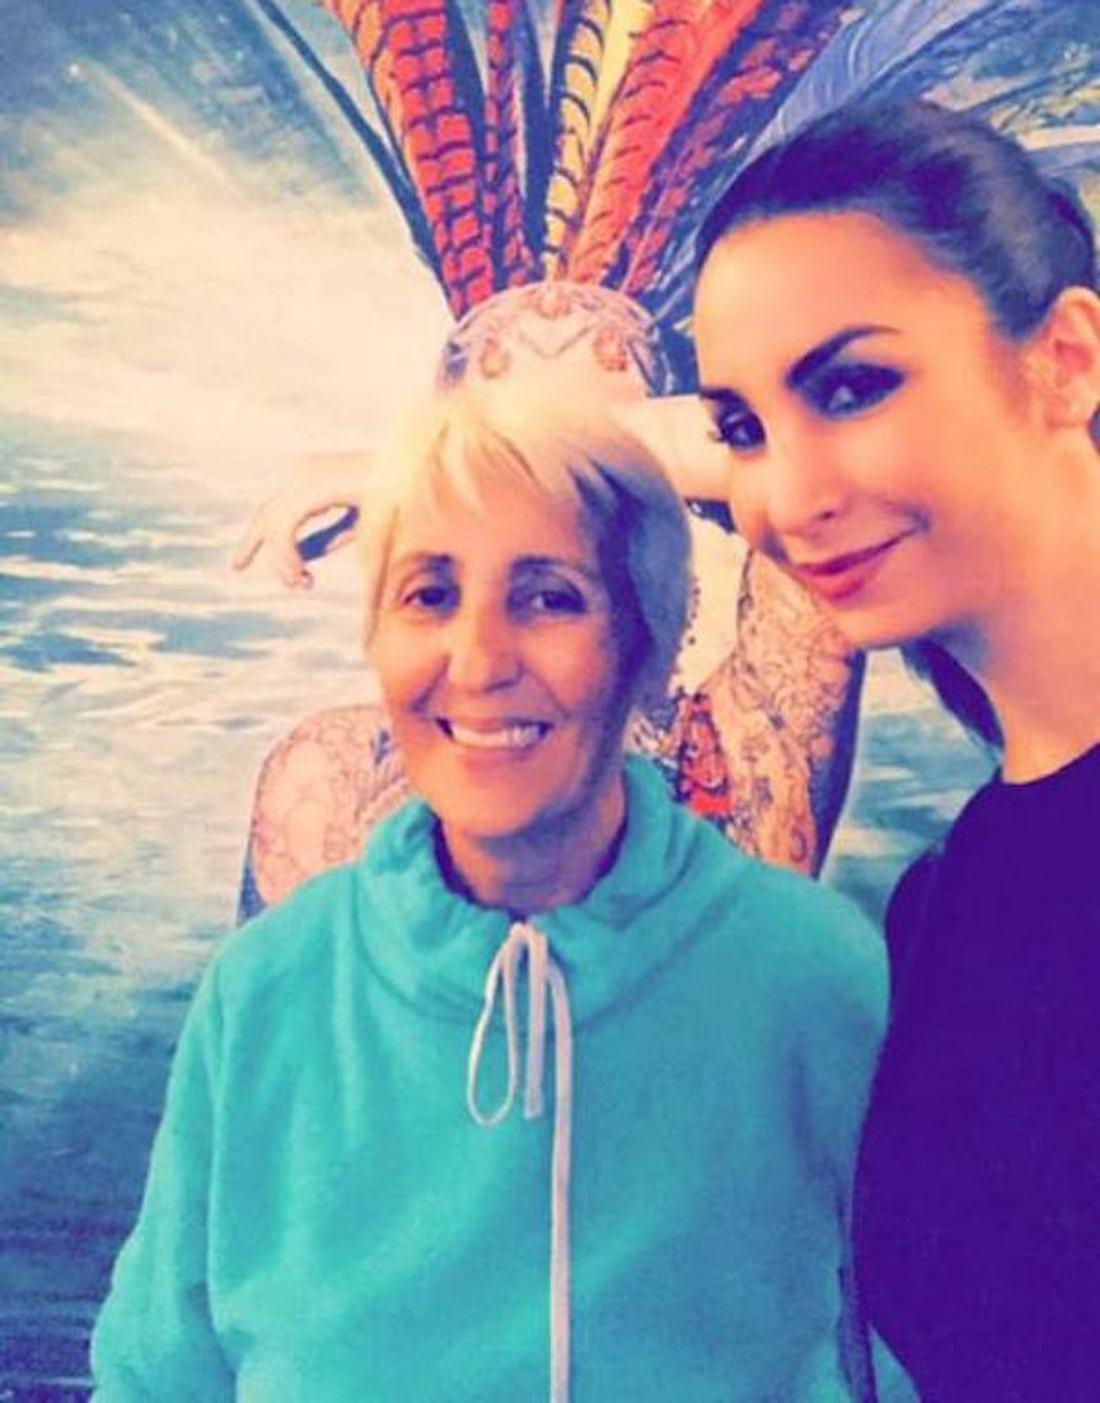 Hübsches Mama-Tochter-Duo: Sila Sahin zeigt ihre Mutter